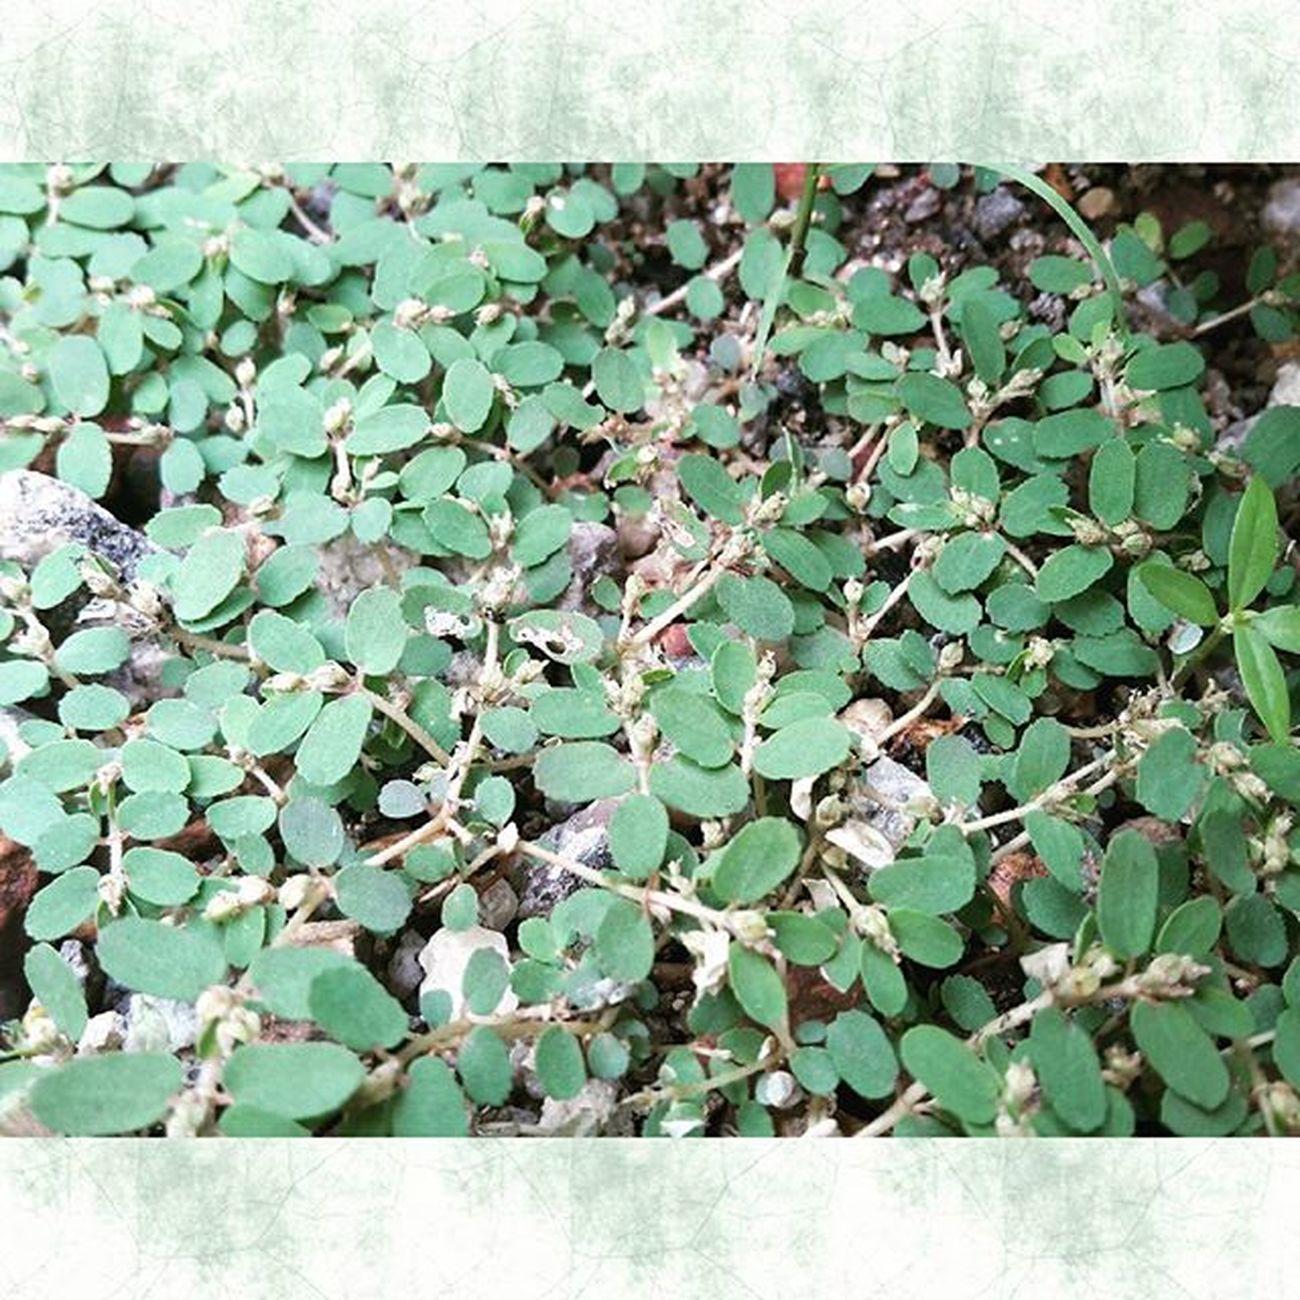 有些事想不通,就不去想; 有些人猜不透,就不去猜; 有些理悟不透,就不去悟; 有些路走不通,就不去走。 活着的核心是健康快乐, 健康是身和心的叠加, 心健才能身健,身健必须心健。 人生 人生百態 人生之道 人生 綠色 自然 分享 lovelife nature life green leaf hope love positive quote picture potd pictureoftheday thinking myself malaysia throwback colour